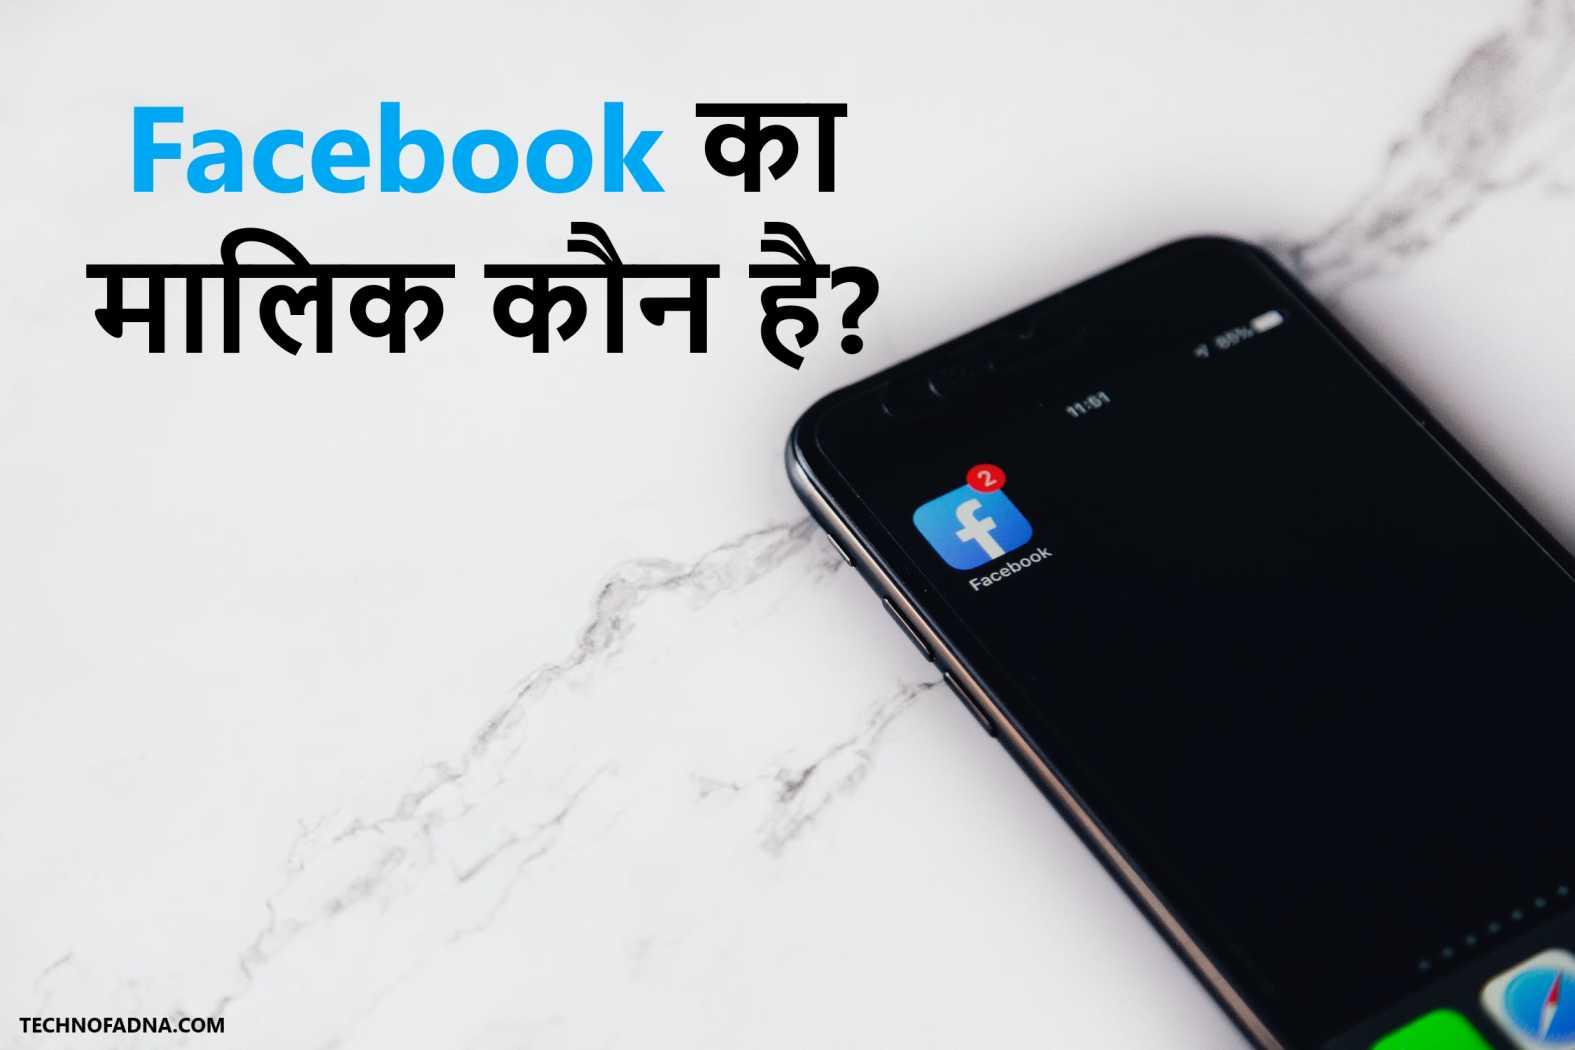 Facebook ka malik